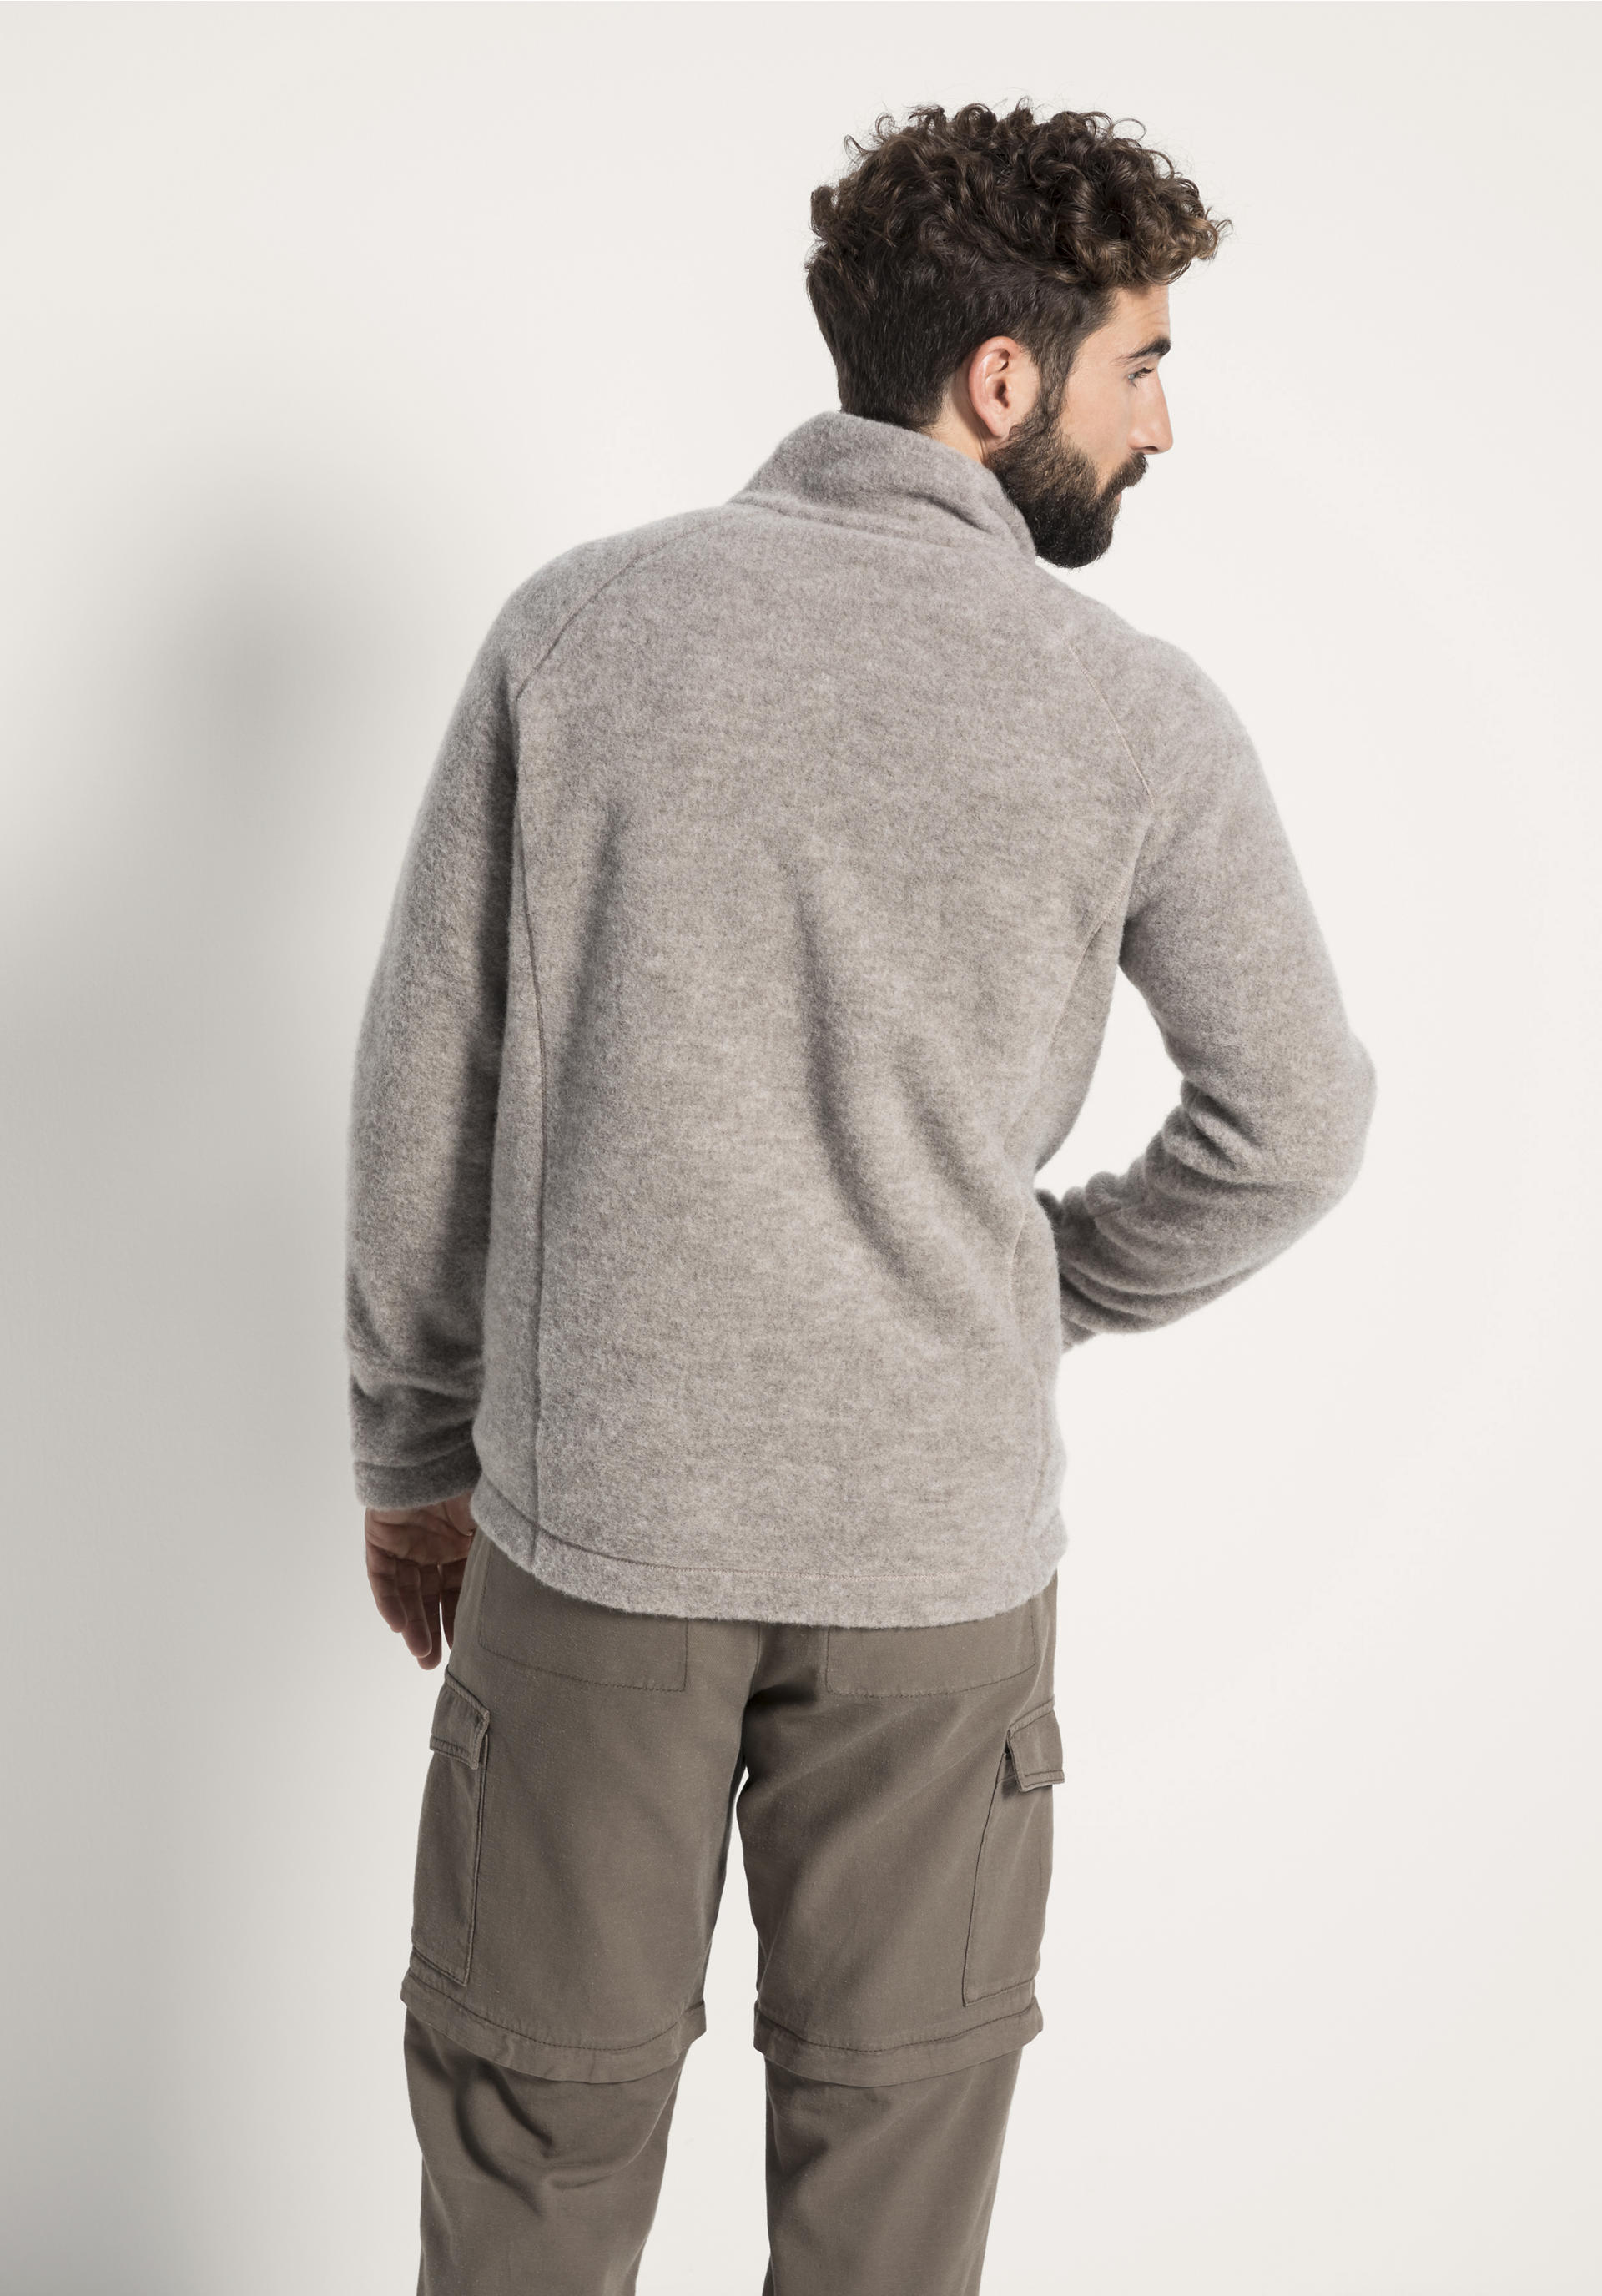 Herren Wollfleece Jacke aus reiner Bio Schurwolle von hessnatur